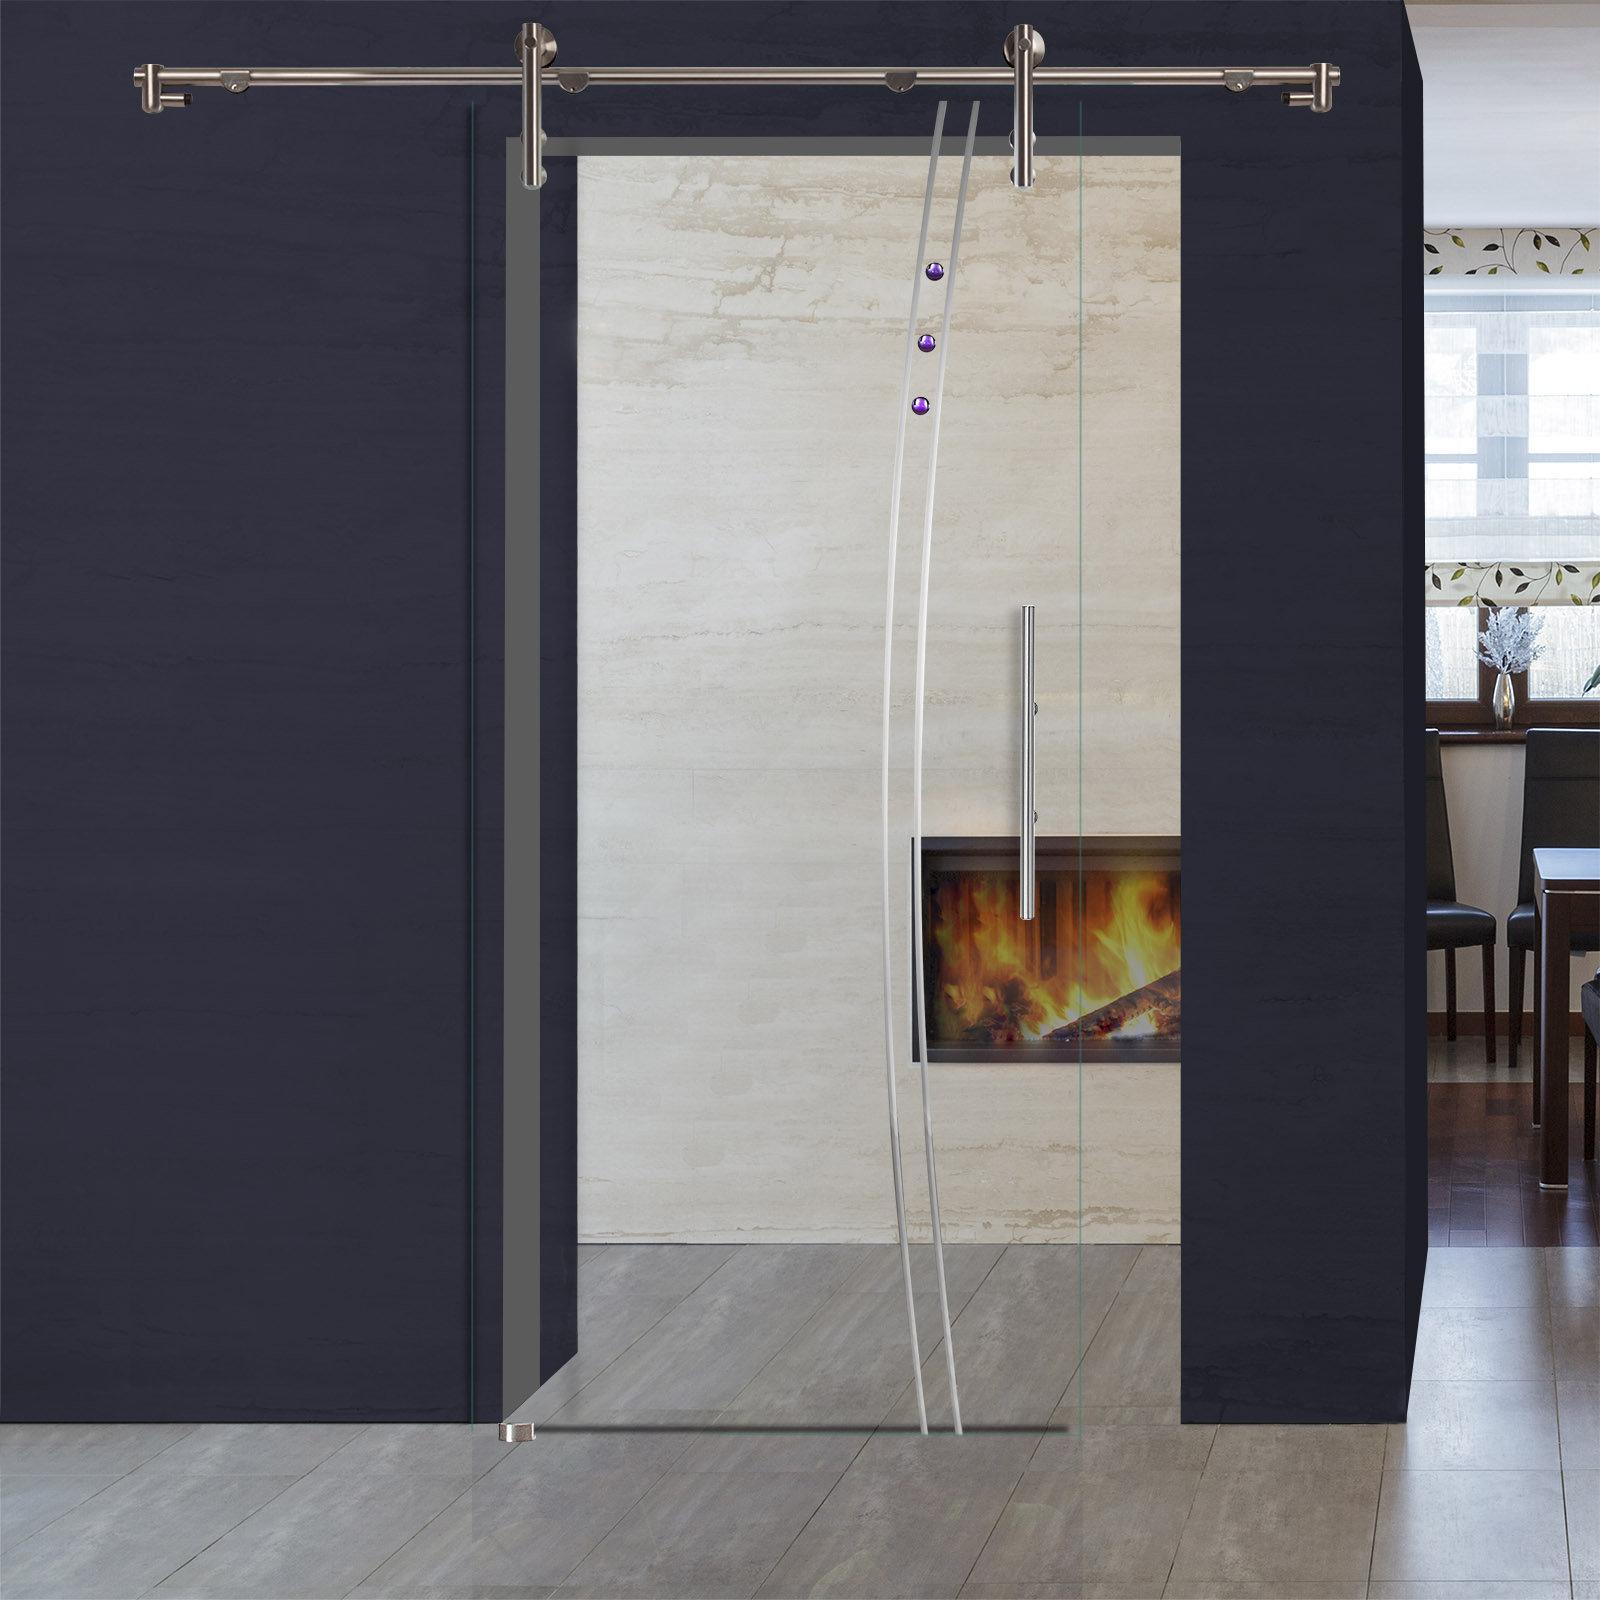 glasschiebet r sd979 f v1000 kristallrillenschliff schmucksteine griffstangen ebay. Black Bedroom Furniture Sets. Home Design Ideas